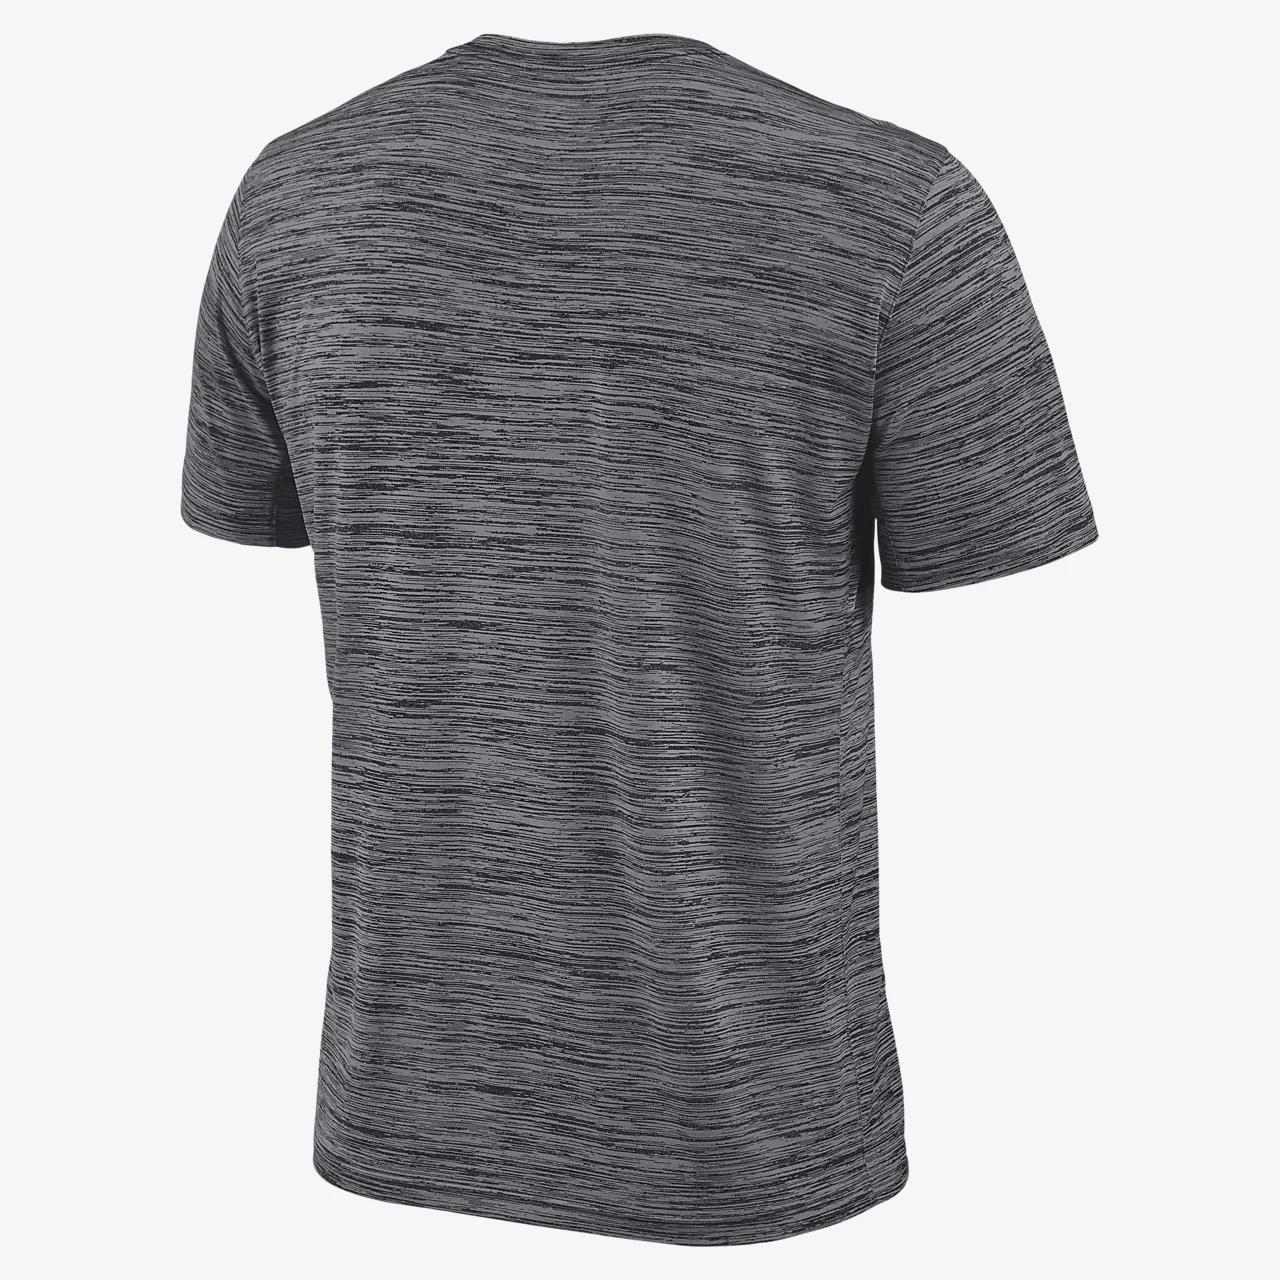 나이키 칼리지 드라이핏 벨로시티 (웨스트 버지니아) 남성 티셔츠 CT7630-021